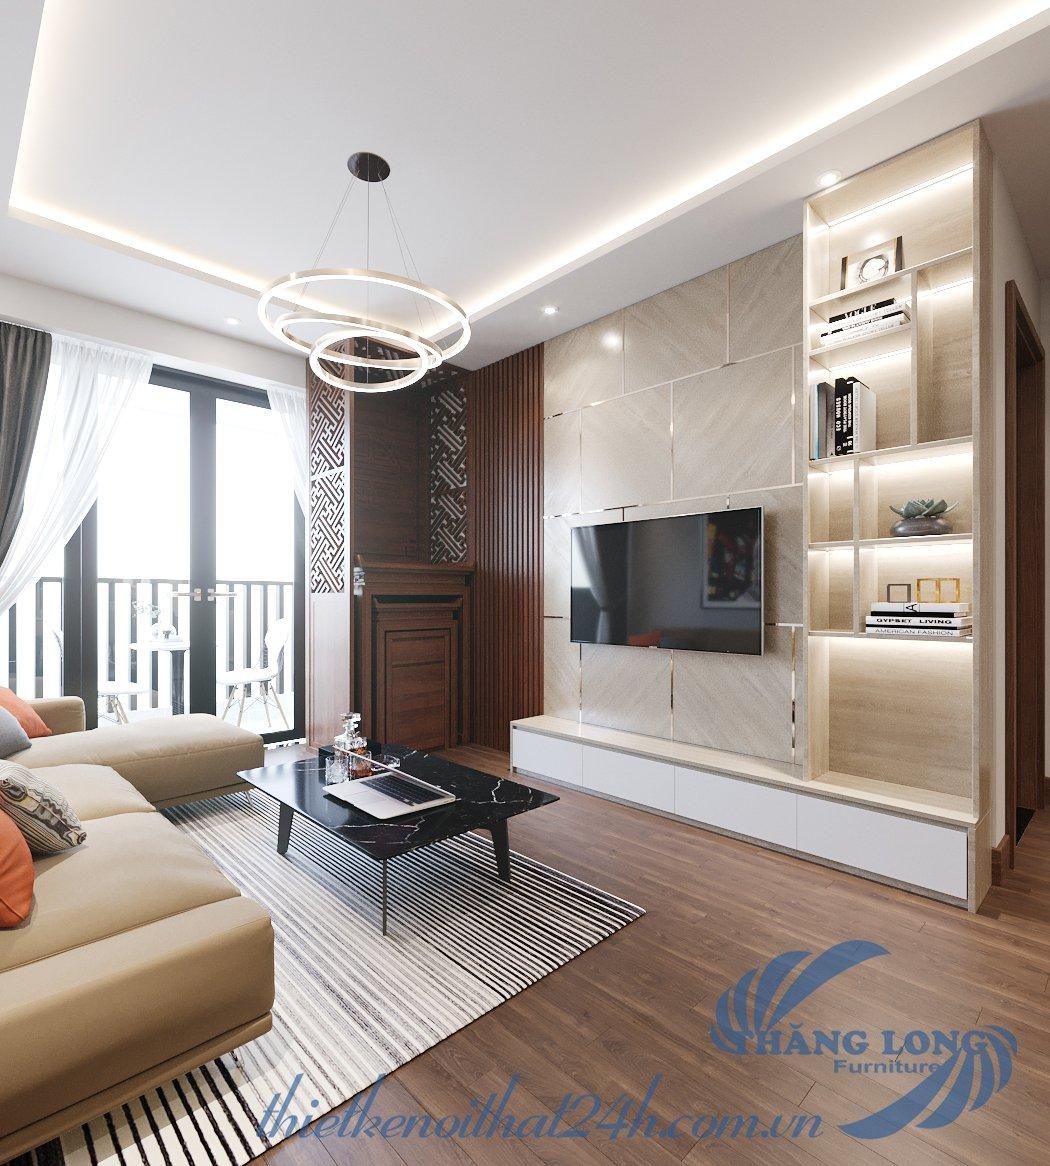 Thiết kế nội thất chung cư An Bình - 97 Trần Bình